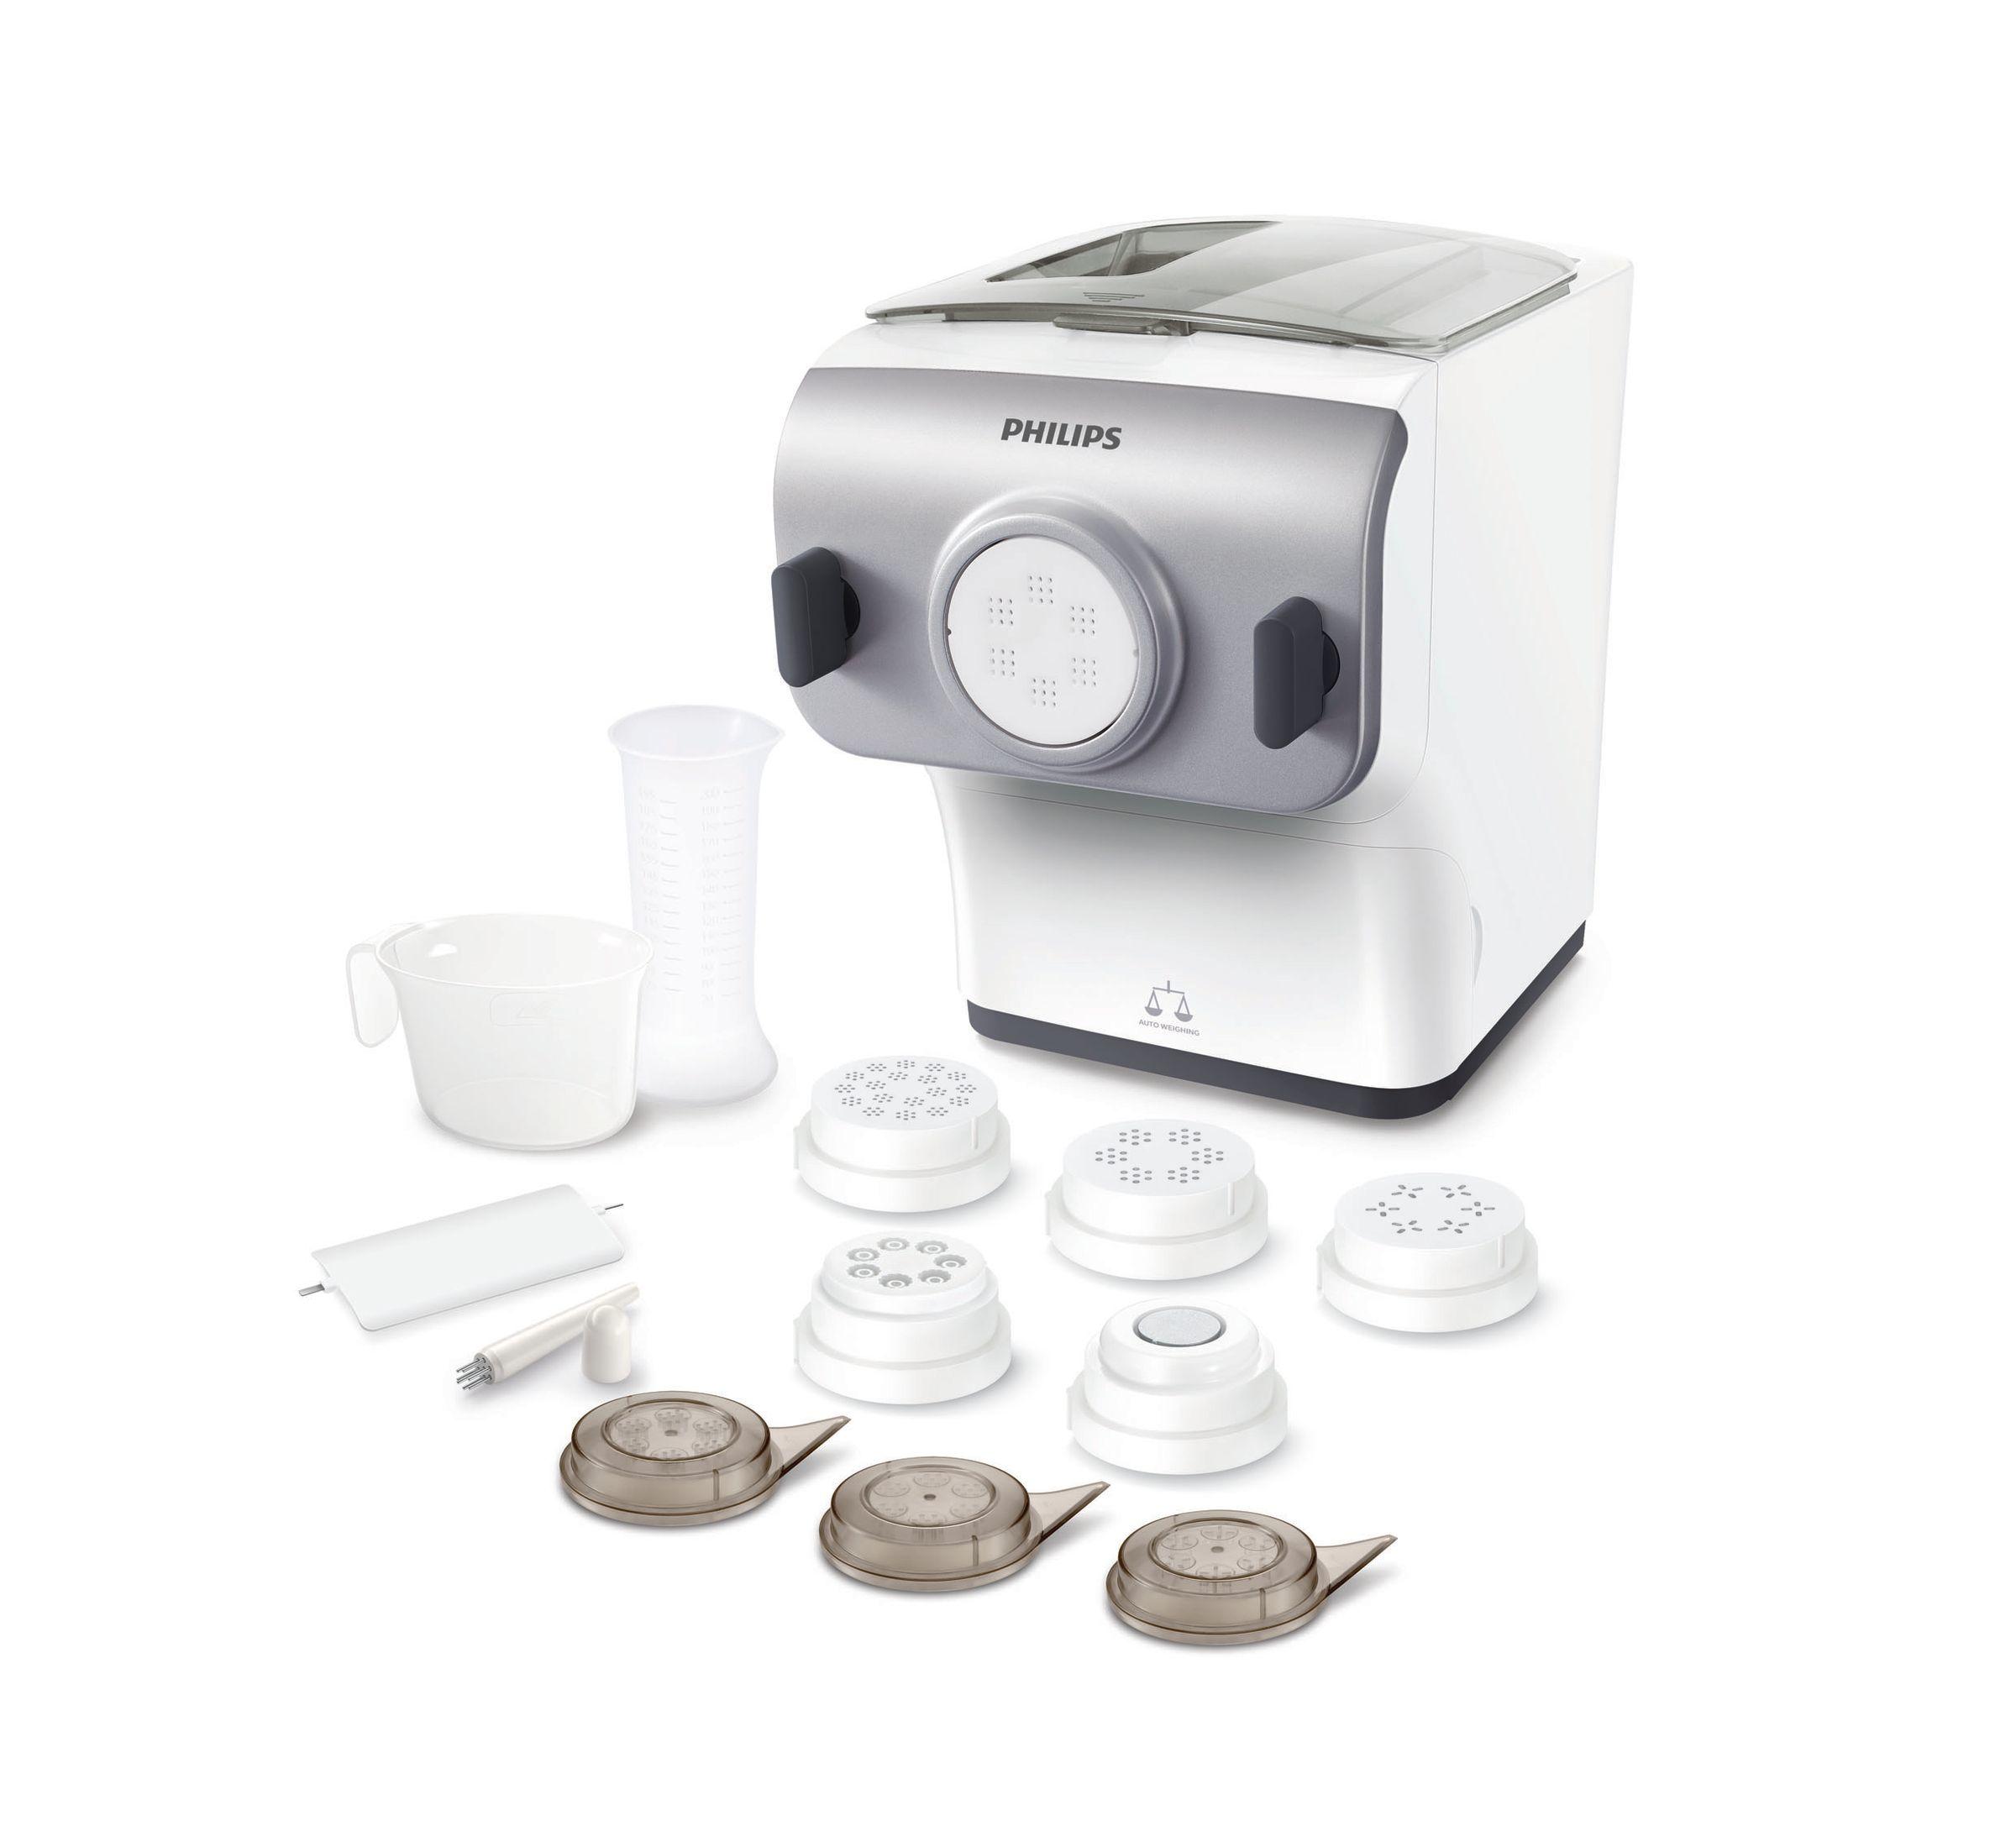 Philips Avance Collection HR2354/12 Pastamaker 6 Formaufsätze 2 Programme für 239,00 Euro